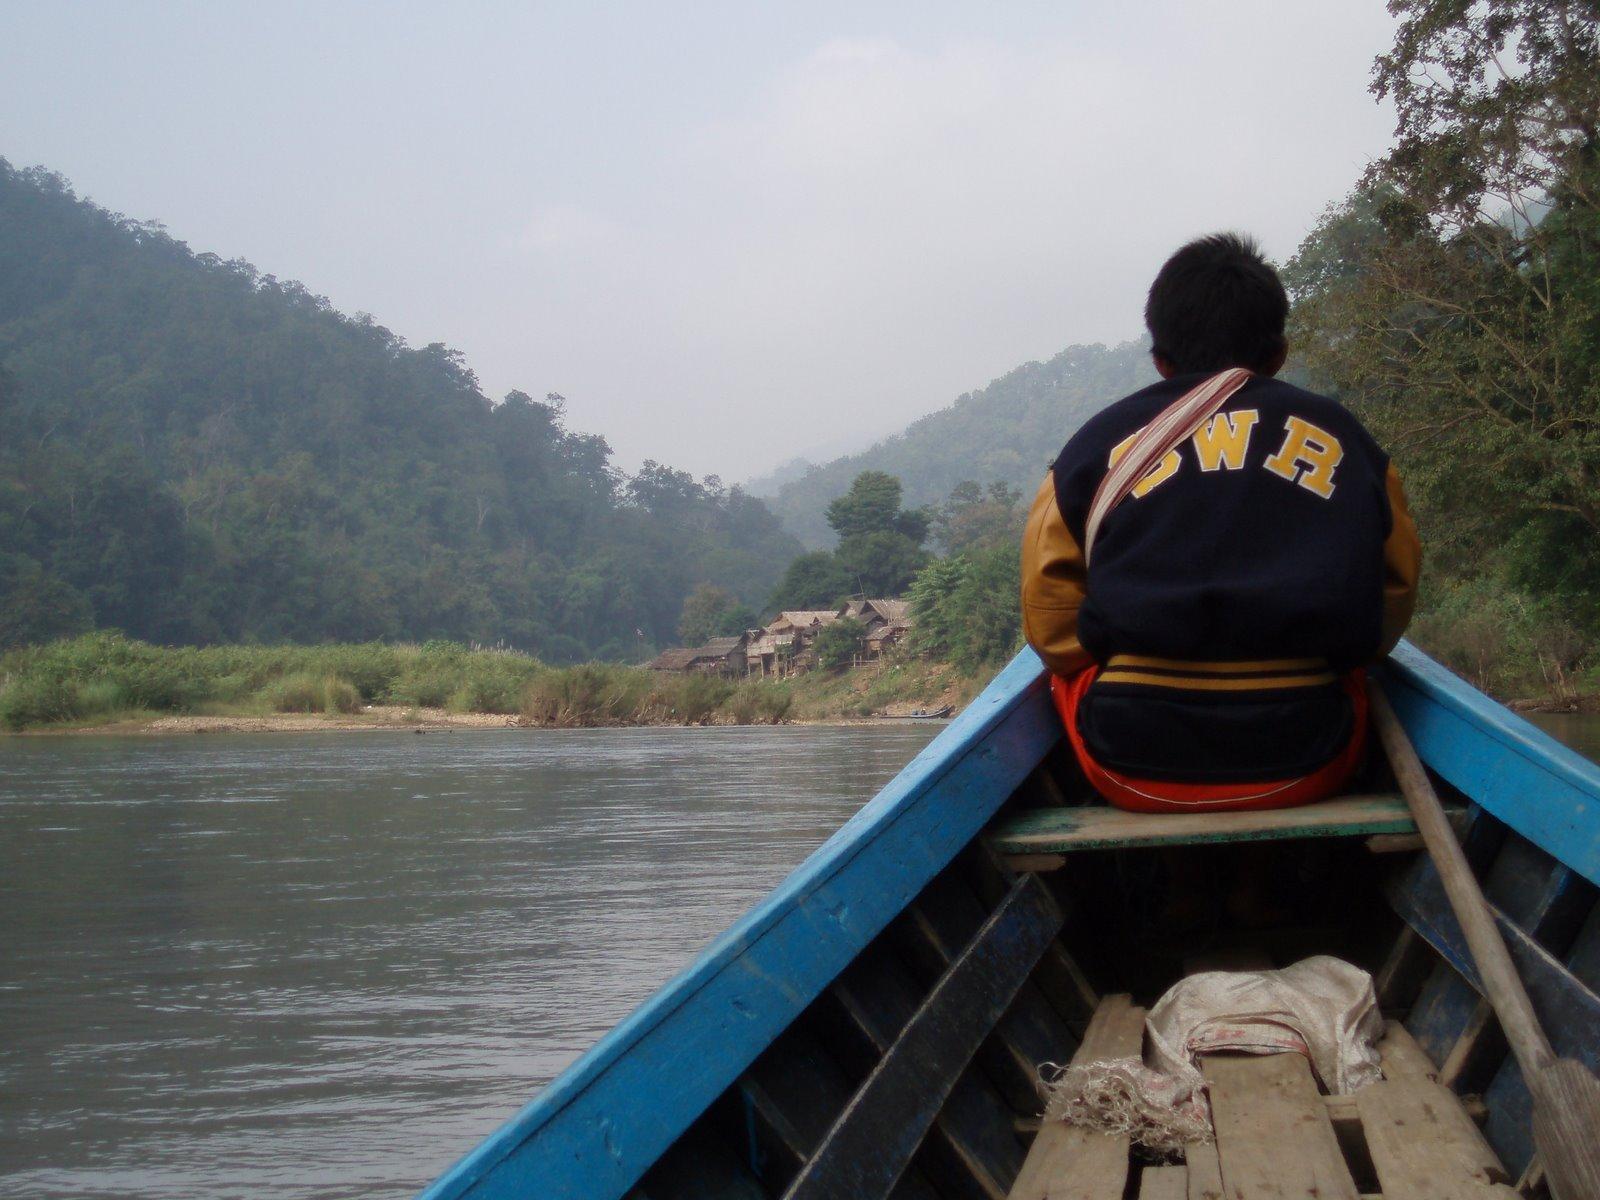 Travel to Lanna ล้านนา: Huay Pu Keng Karen Village on